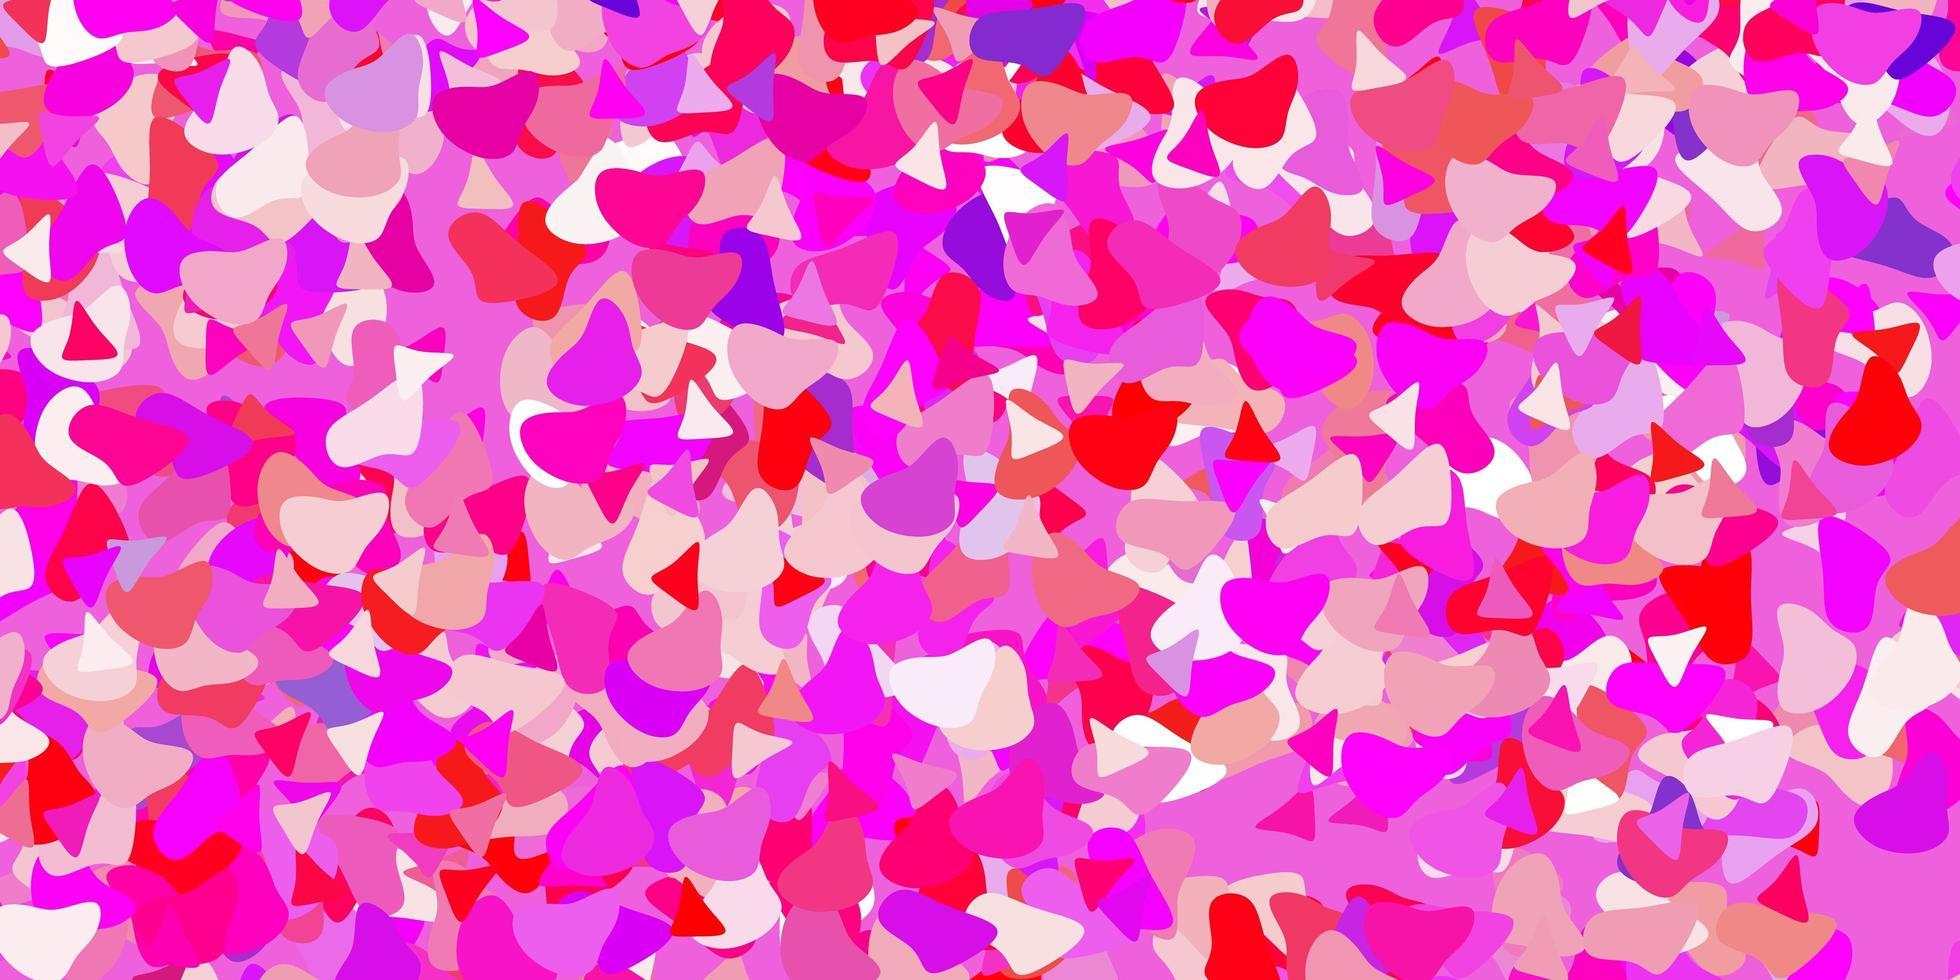 padrão de vetor rosa claro roxo com formas abstratas.